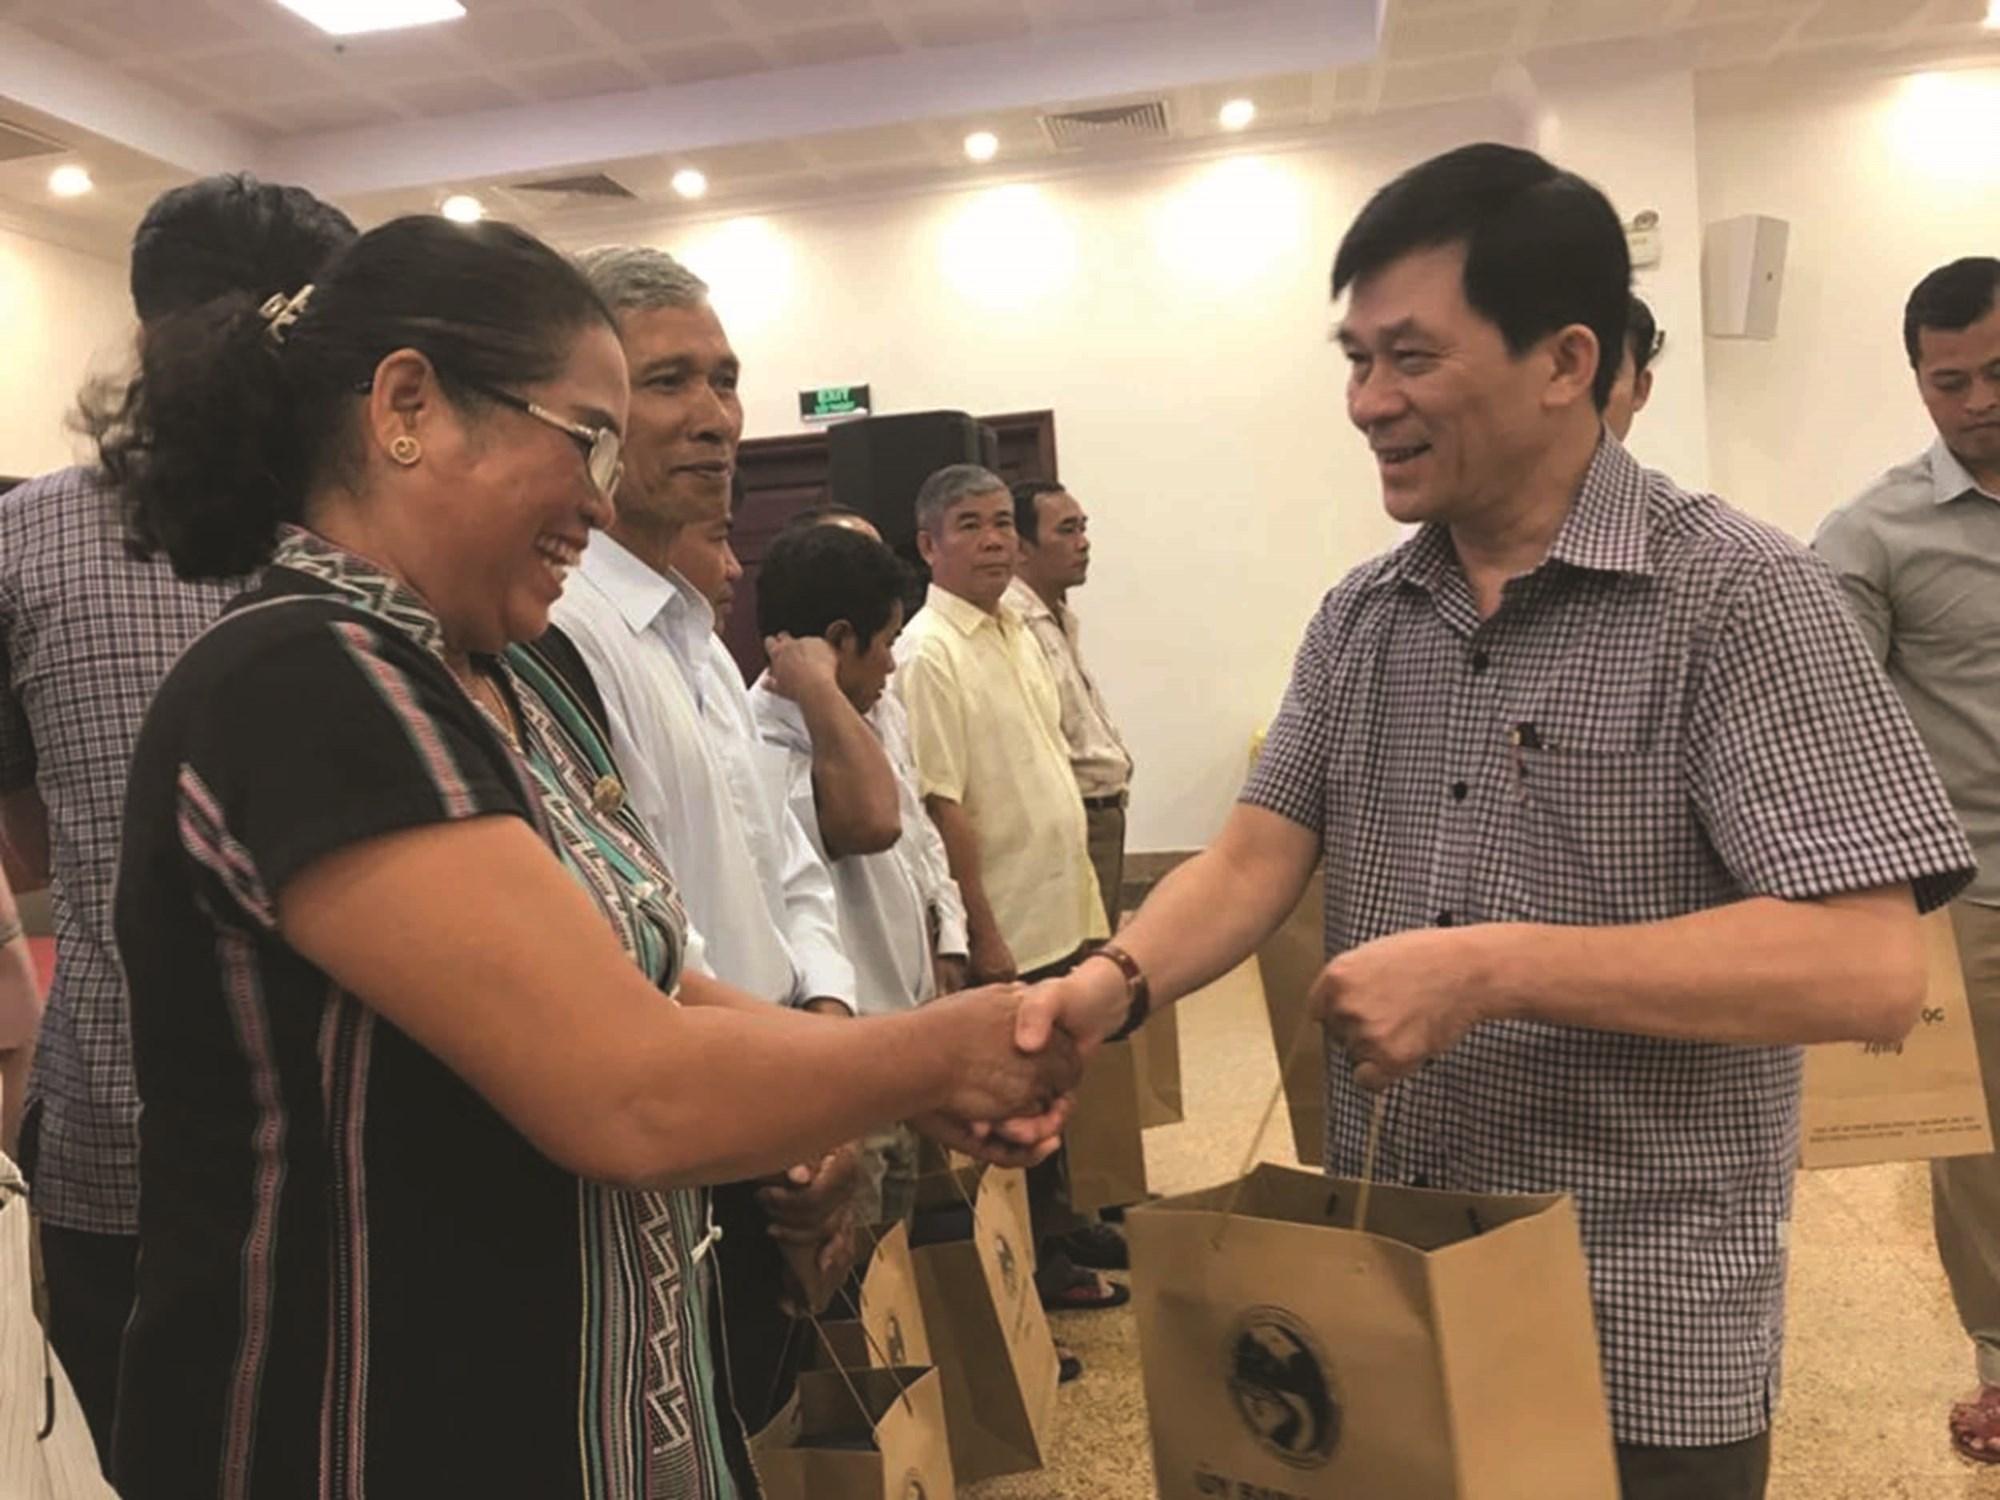 Thứ trưởng, Phó Chủ nhiệm UBDT Nông Quốc Tuấn tặng quà của UBDT cho Người có uy tín tỉnh Lâm Đồng